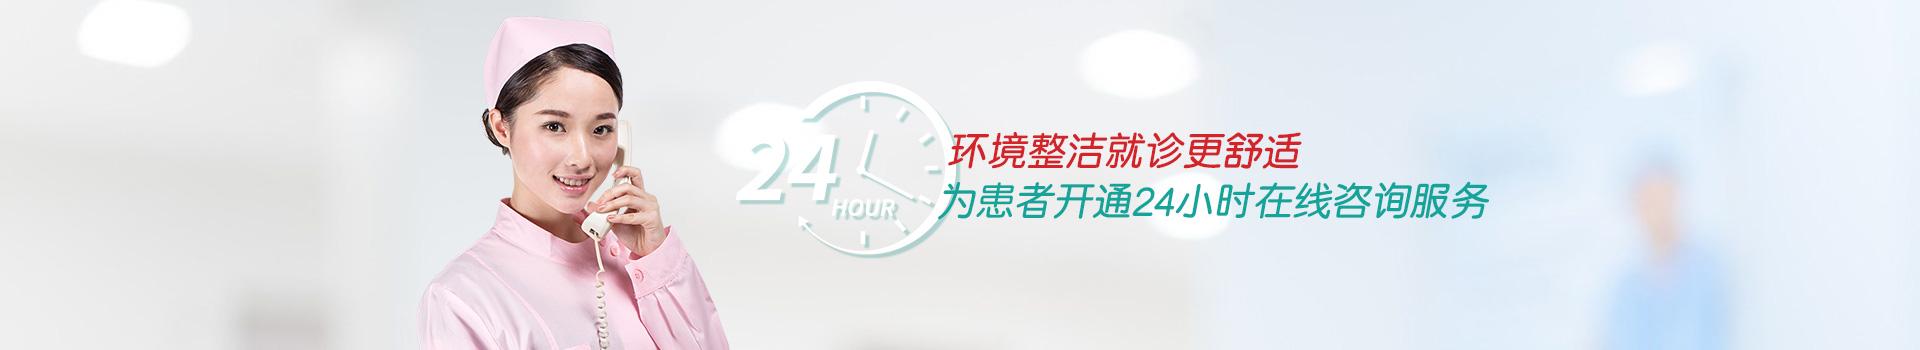 雅安仁康 为患者开通24小时在线咨询服务